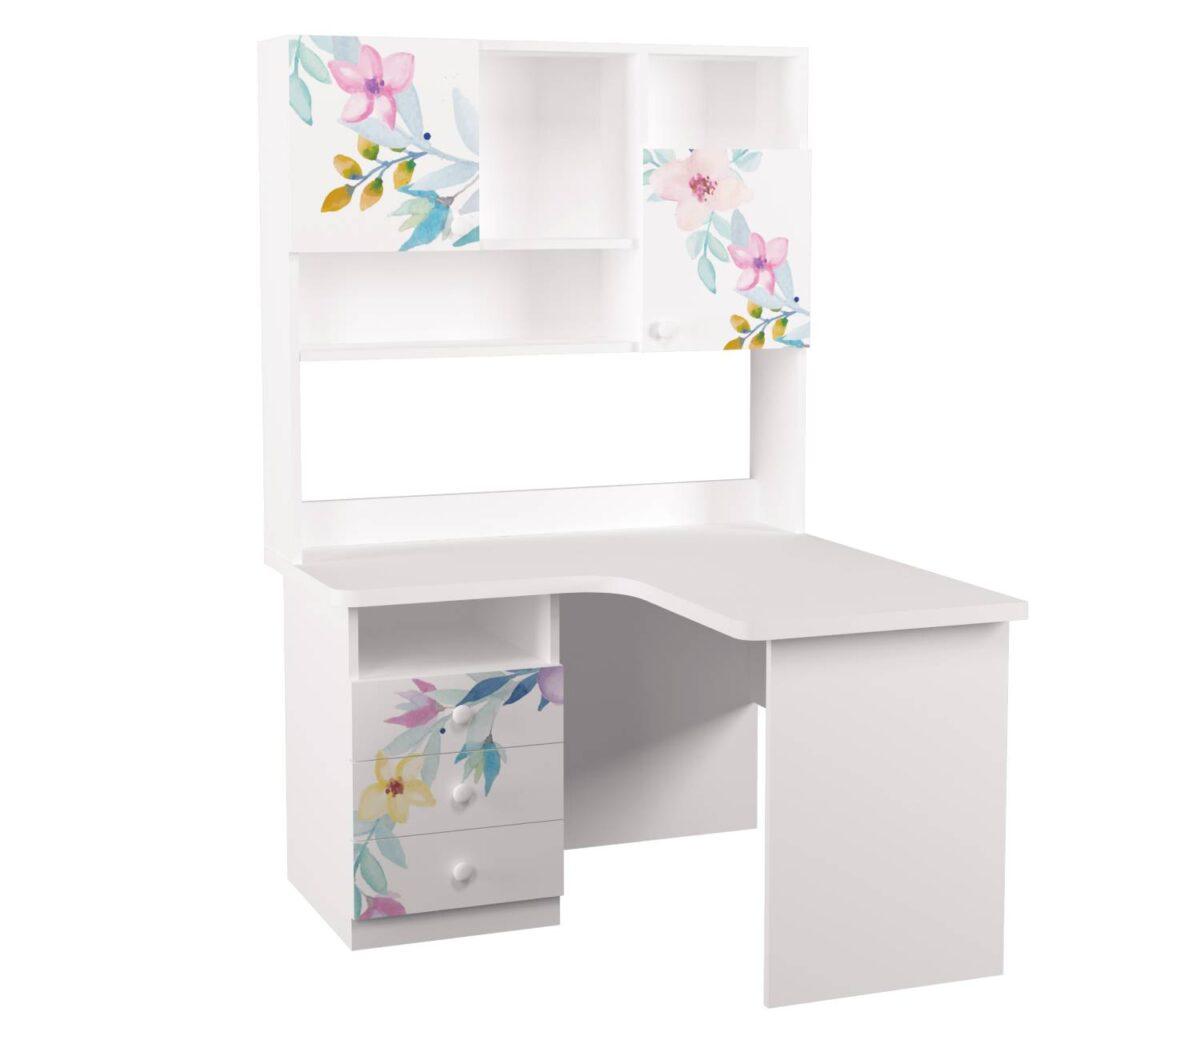 угловой письменный стол с надстройкой цветы правый угол